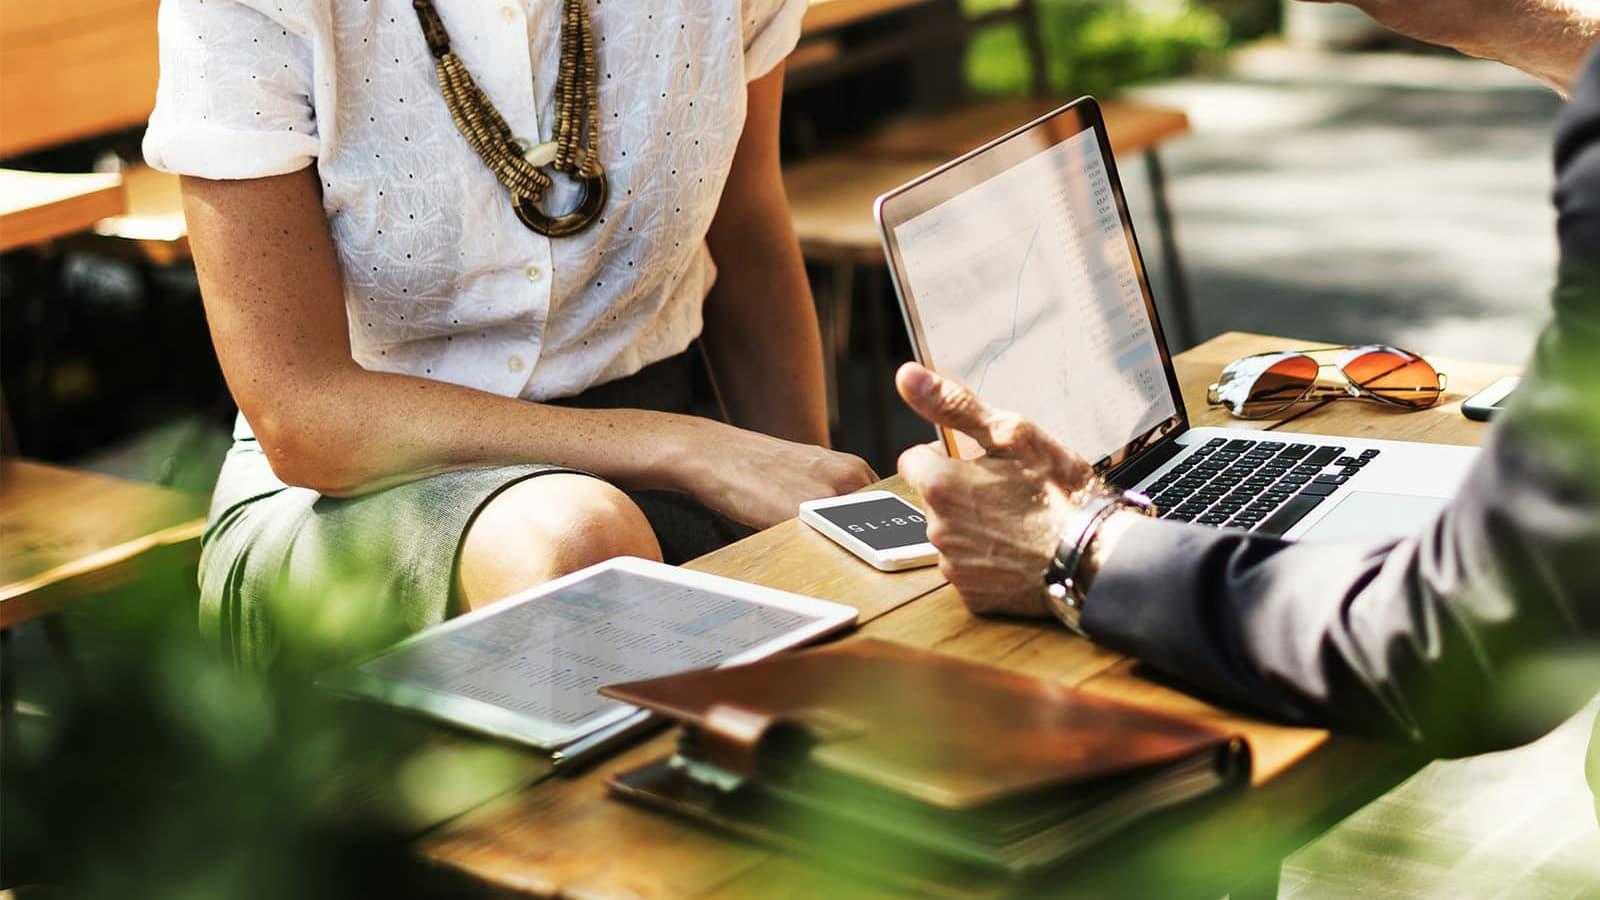 Berufliche Neuorientierung - So kann Ihnen ein Karriere-Coaching helfen